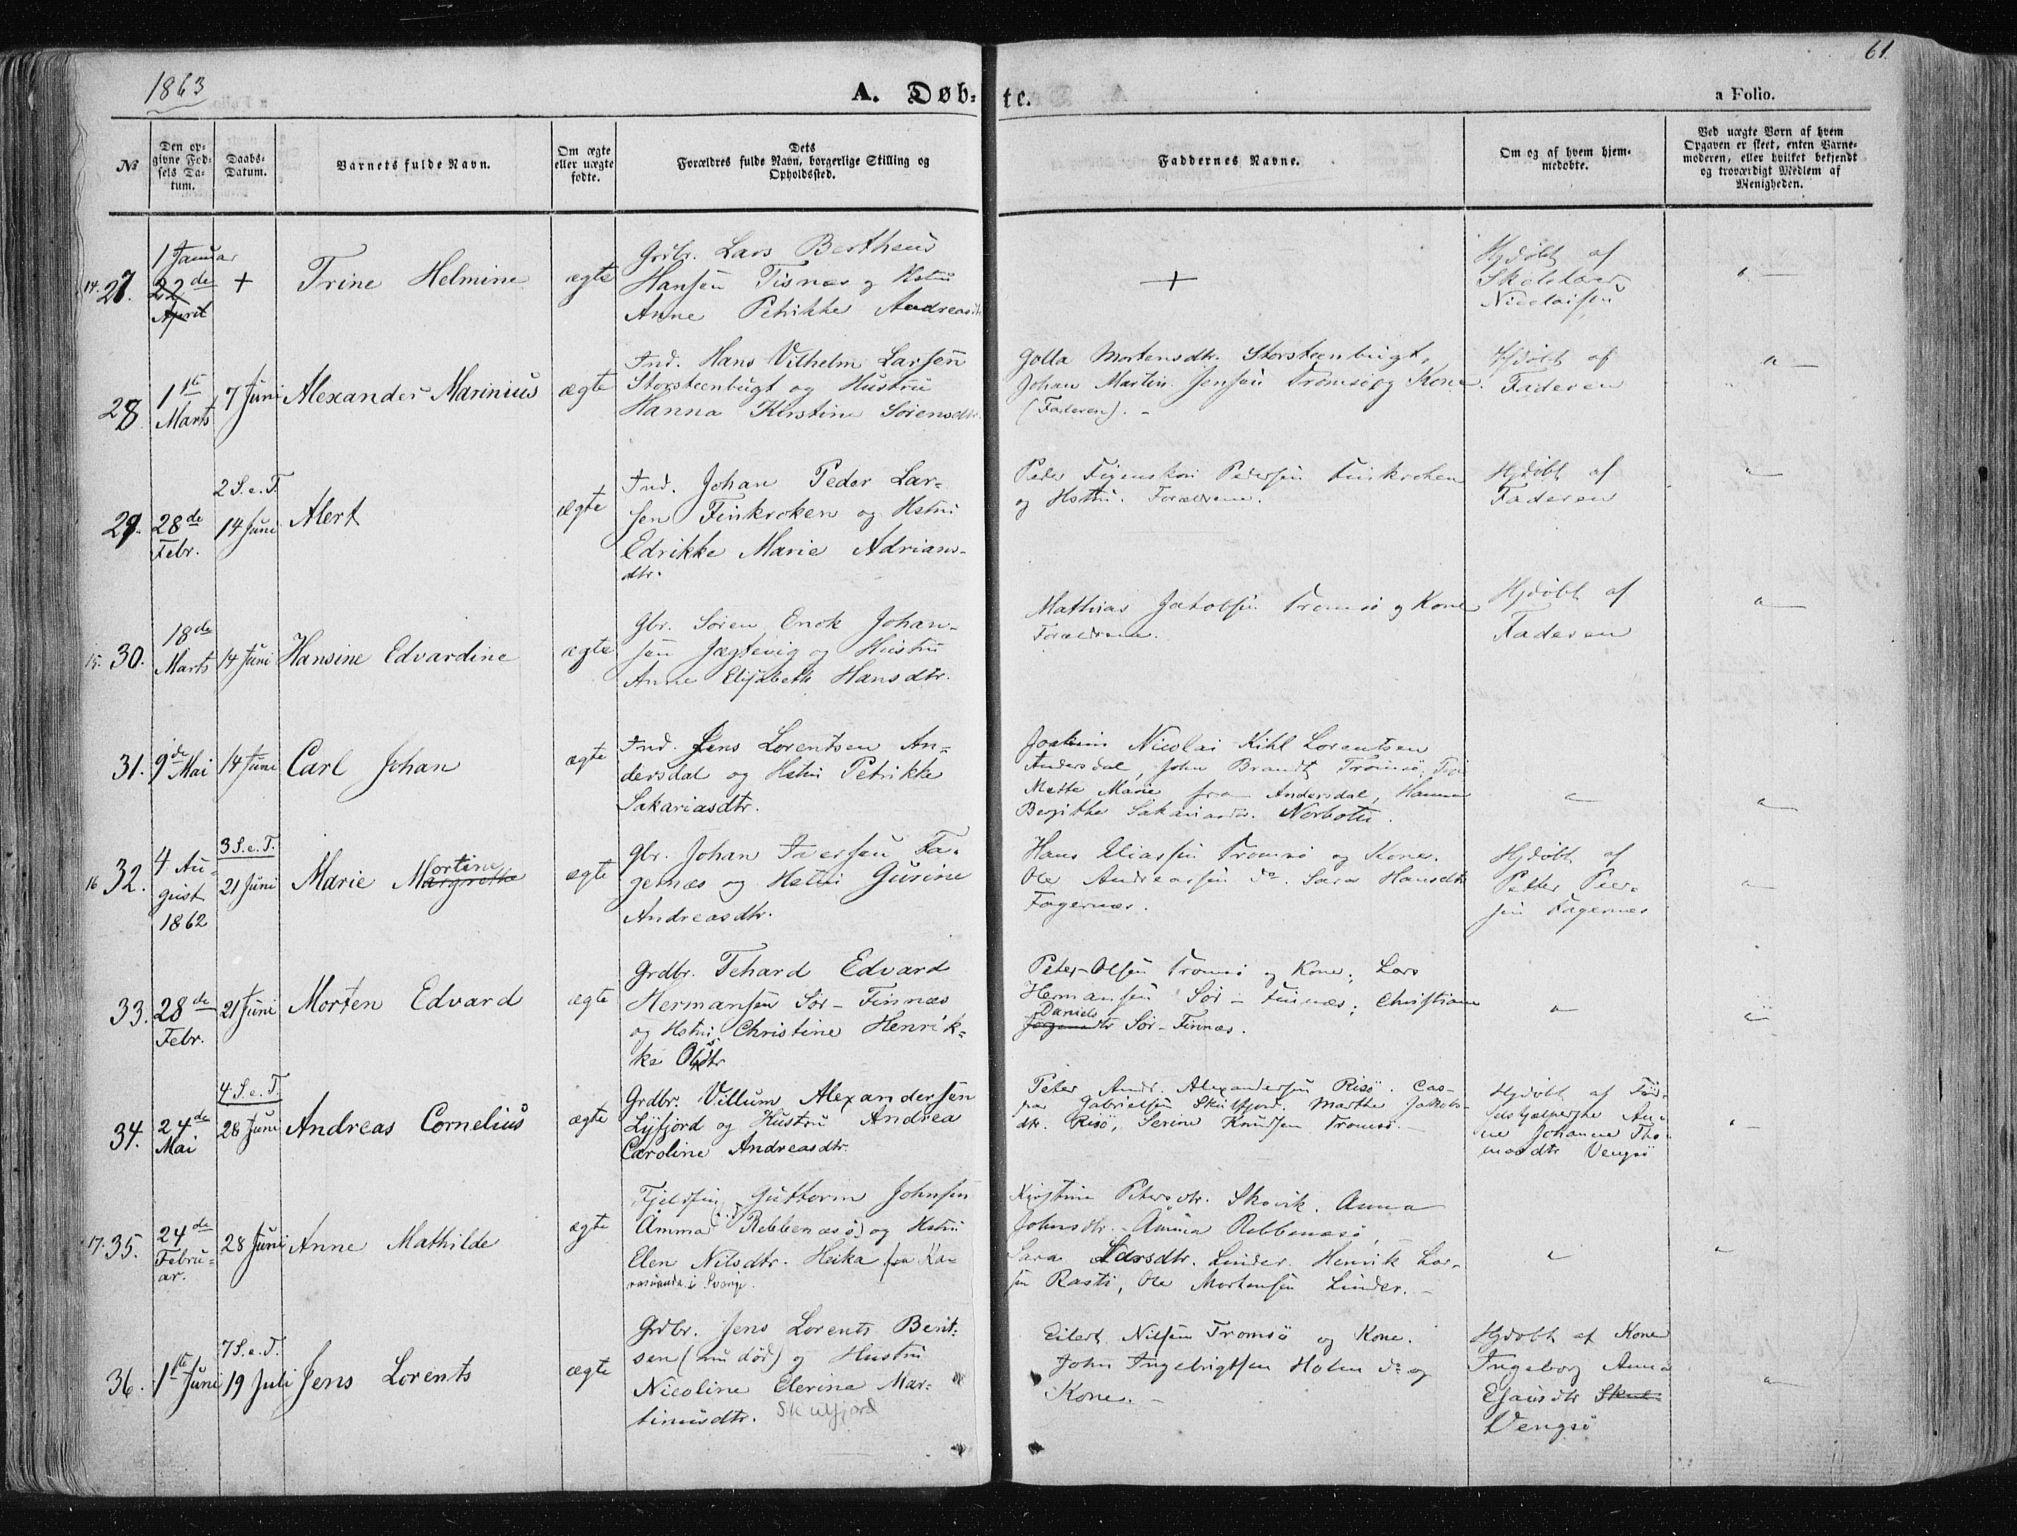 SATØ, Tromsøysund sokneprestkontor, G/Ga/L0001kirke: Ministerialbok nr. 1, 1856-1867, s. 61